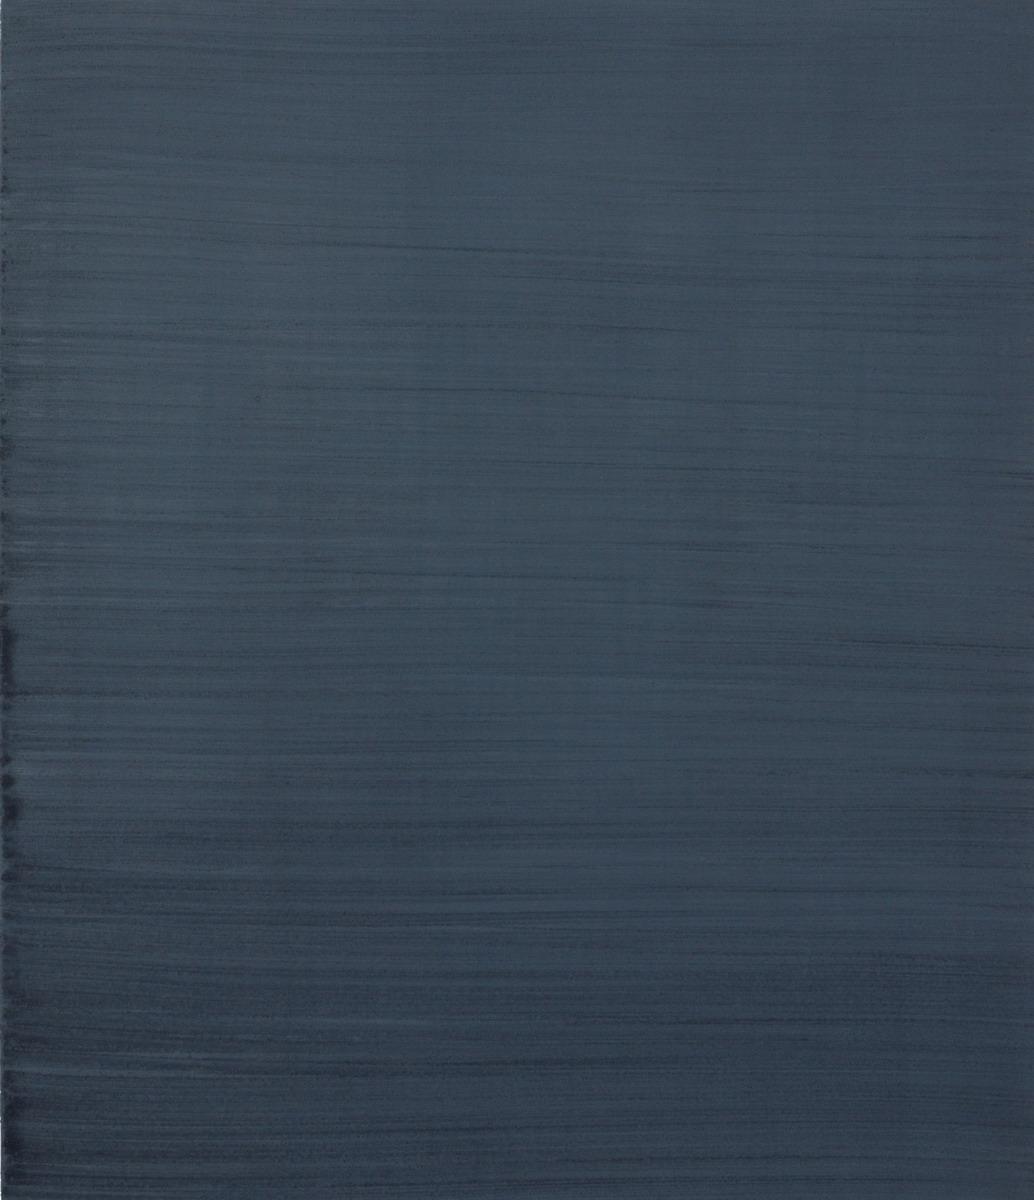 Obraz zanikający, olej na plotnie, 70 x 60 cm, 2018_resize